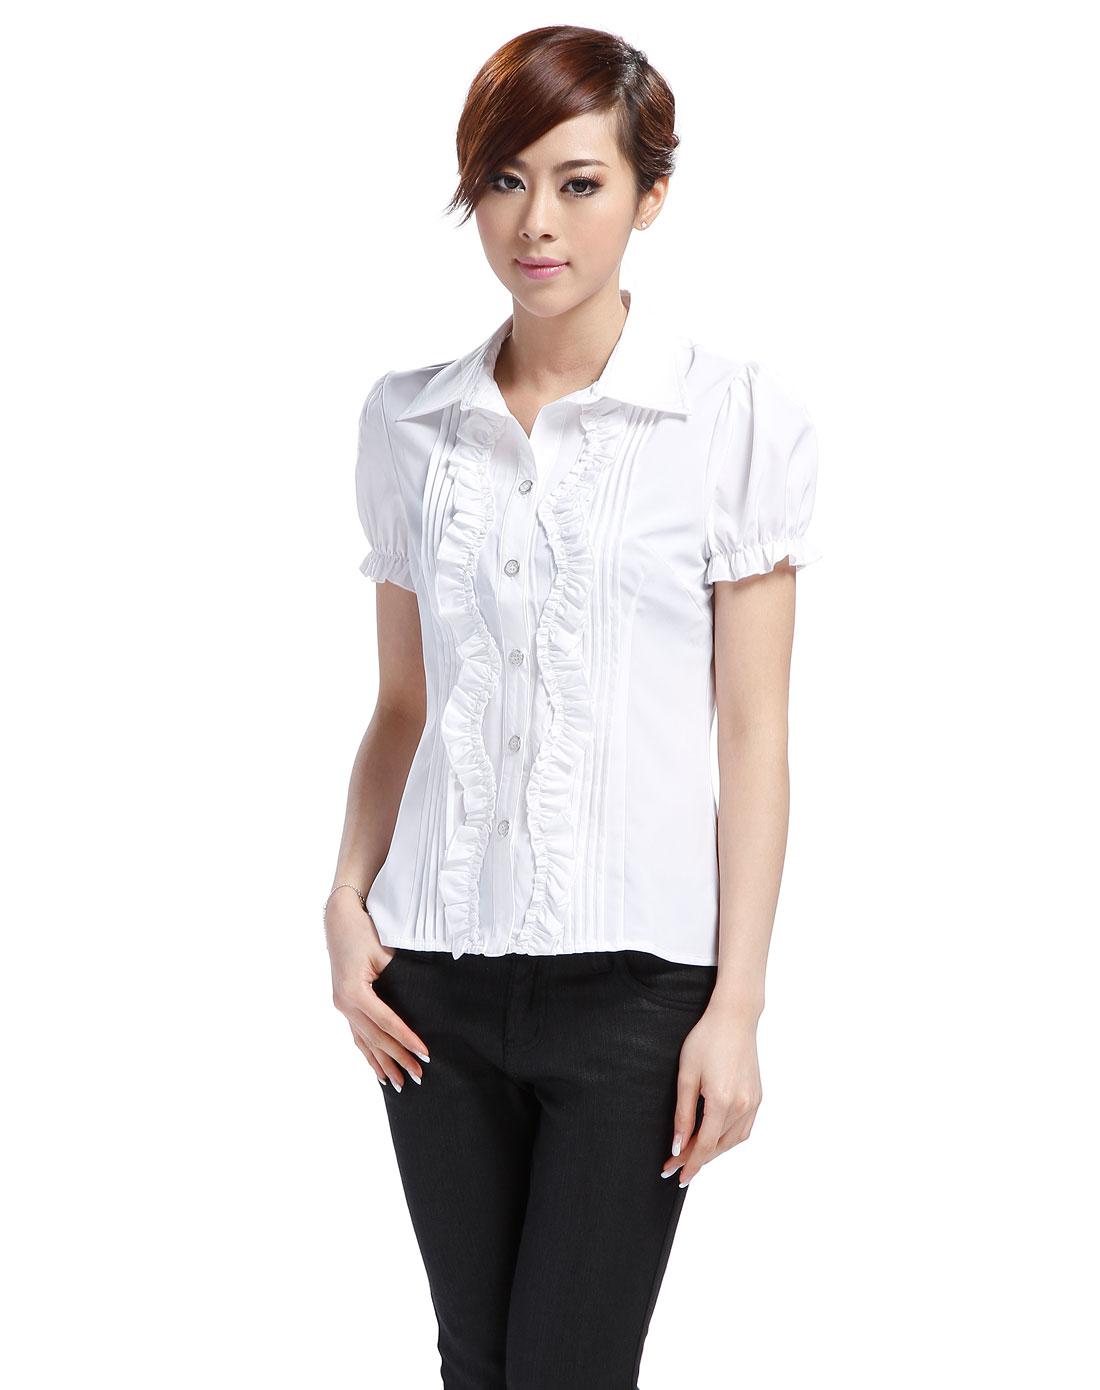 白色短袖衬衫_艾金诺uss